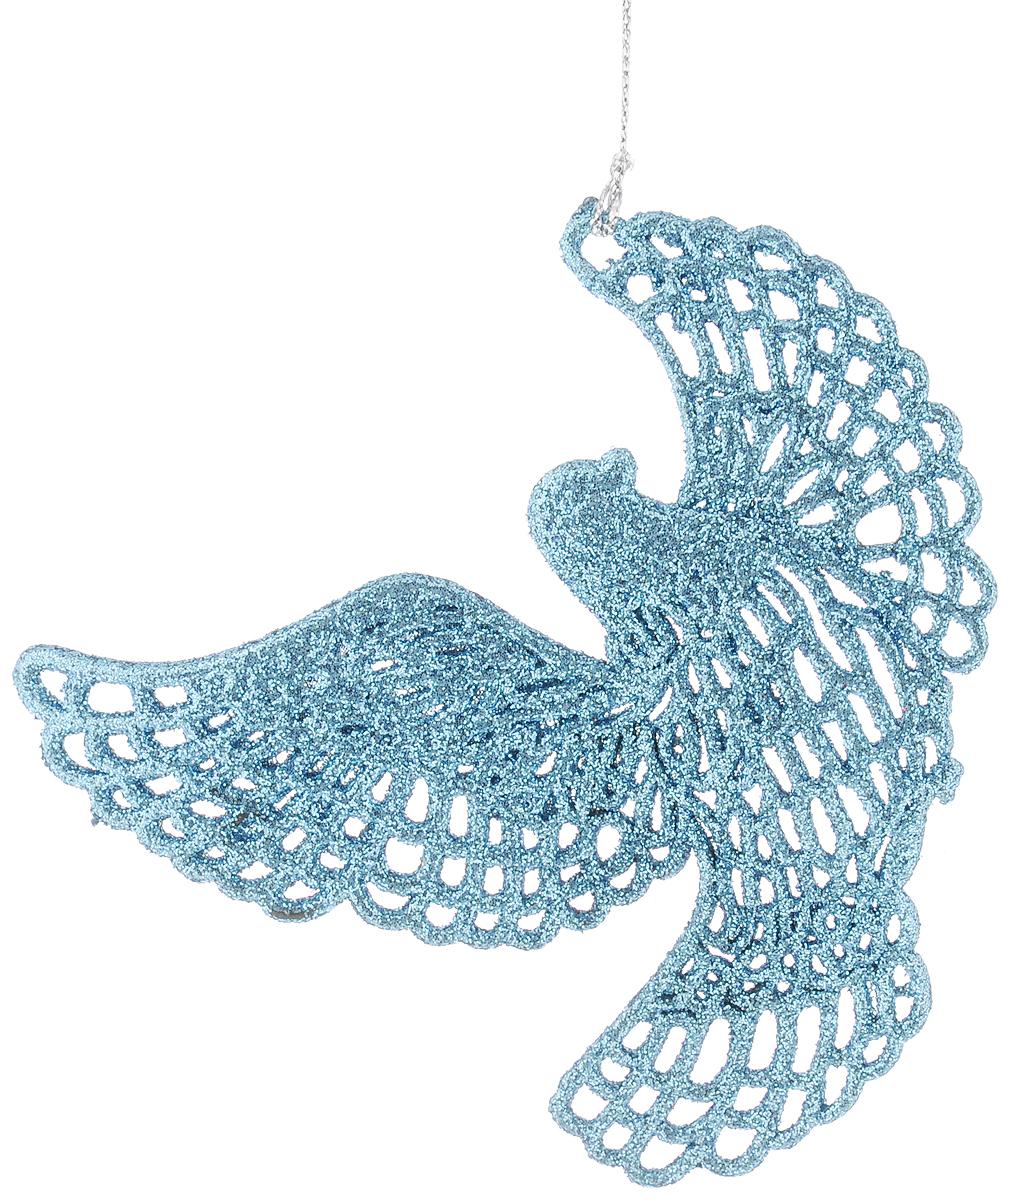 Украшение новогоднее подвесное Magic Time Небесная голубка 11,5 х 11,5 см42098Новогоднее подвесное украшение Magic Time Небесная голубка выполнено из полипропилена в виде голубки и украшено блестками. С помощью специальной петельки украшение можно повесить в любом понравившемся вам месте. Но, конечно, удачнее всего оно будет смотреться на праздничной елке. Елочная игрушка - символ Нового года. Она несет в себе волшебство и красотупраздника. Создайте в своем доме атмосферу веселья и радости, украшаяновогоднюю елку нарядными игрушками, которые будут из года в год накапливатьтеплоту воспоминаний.